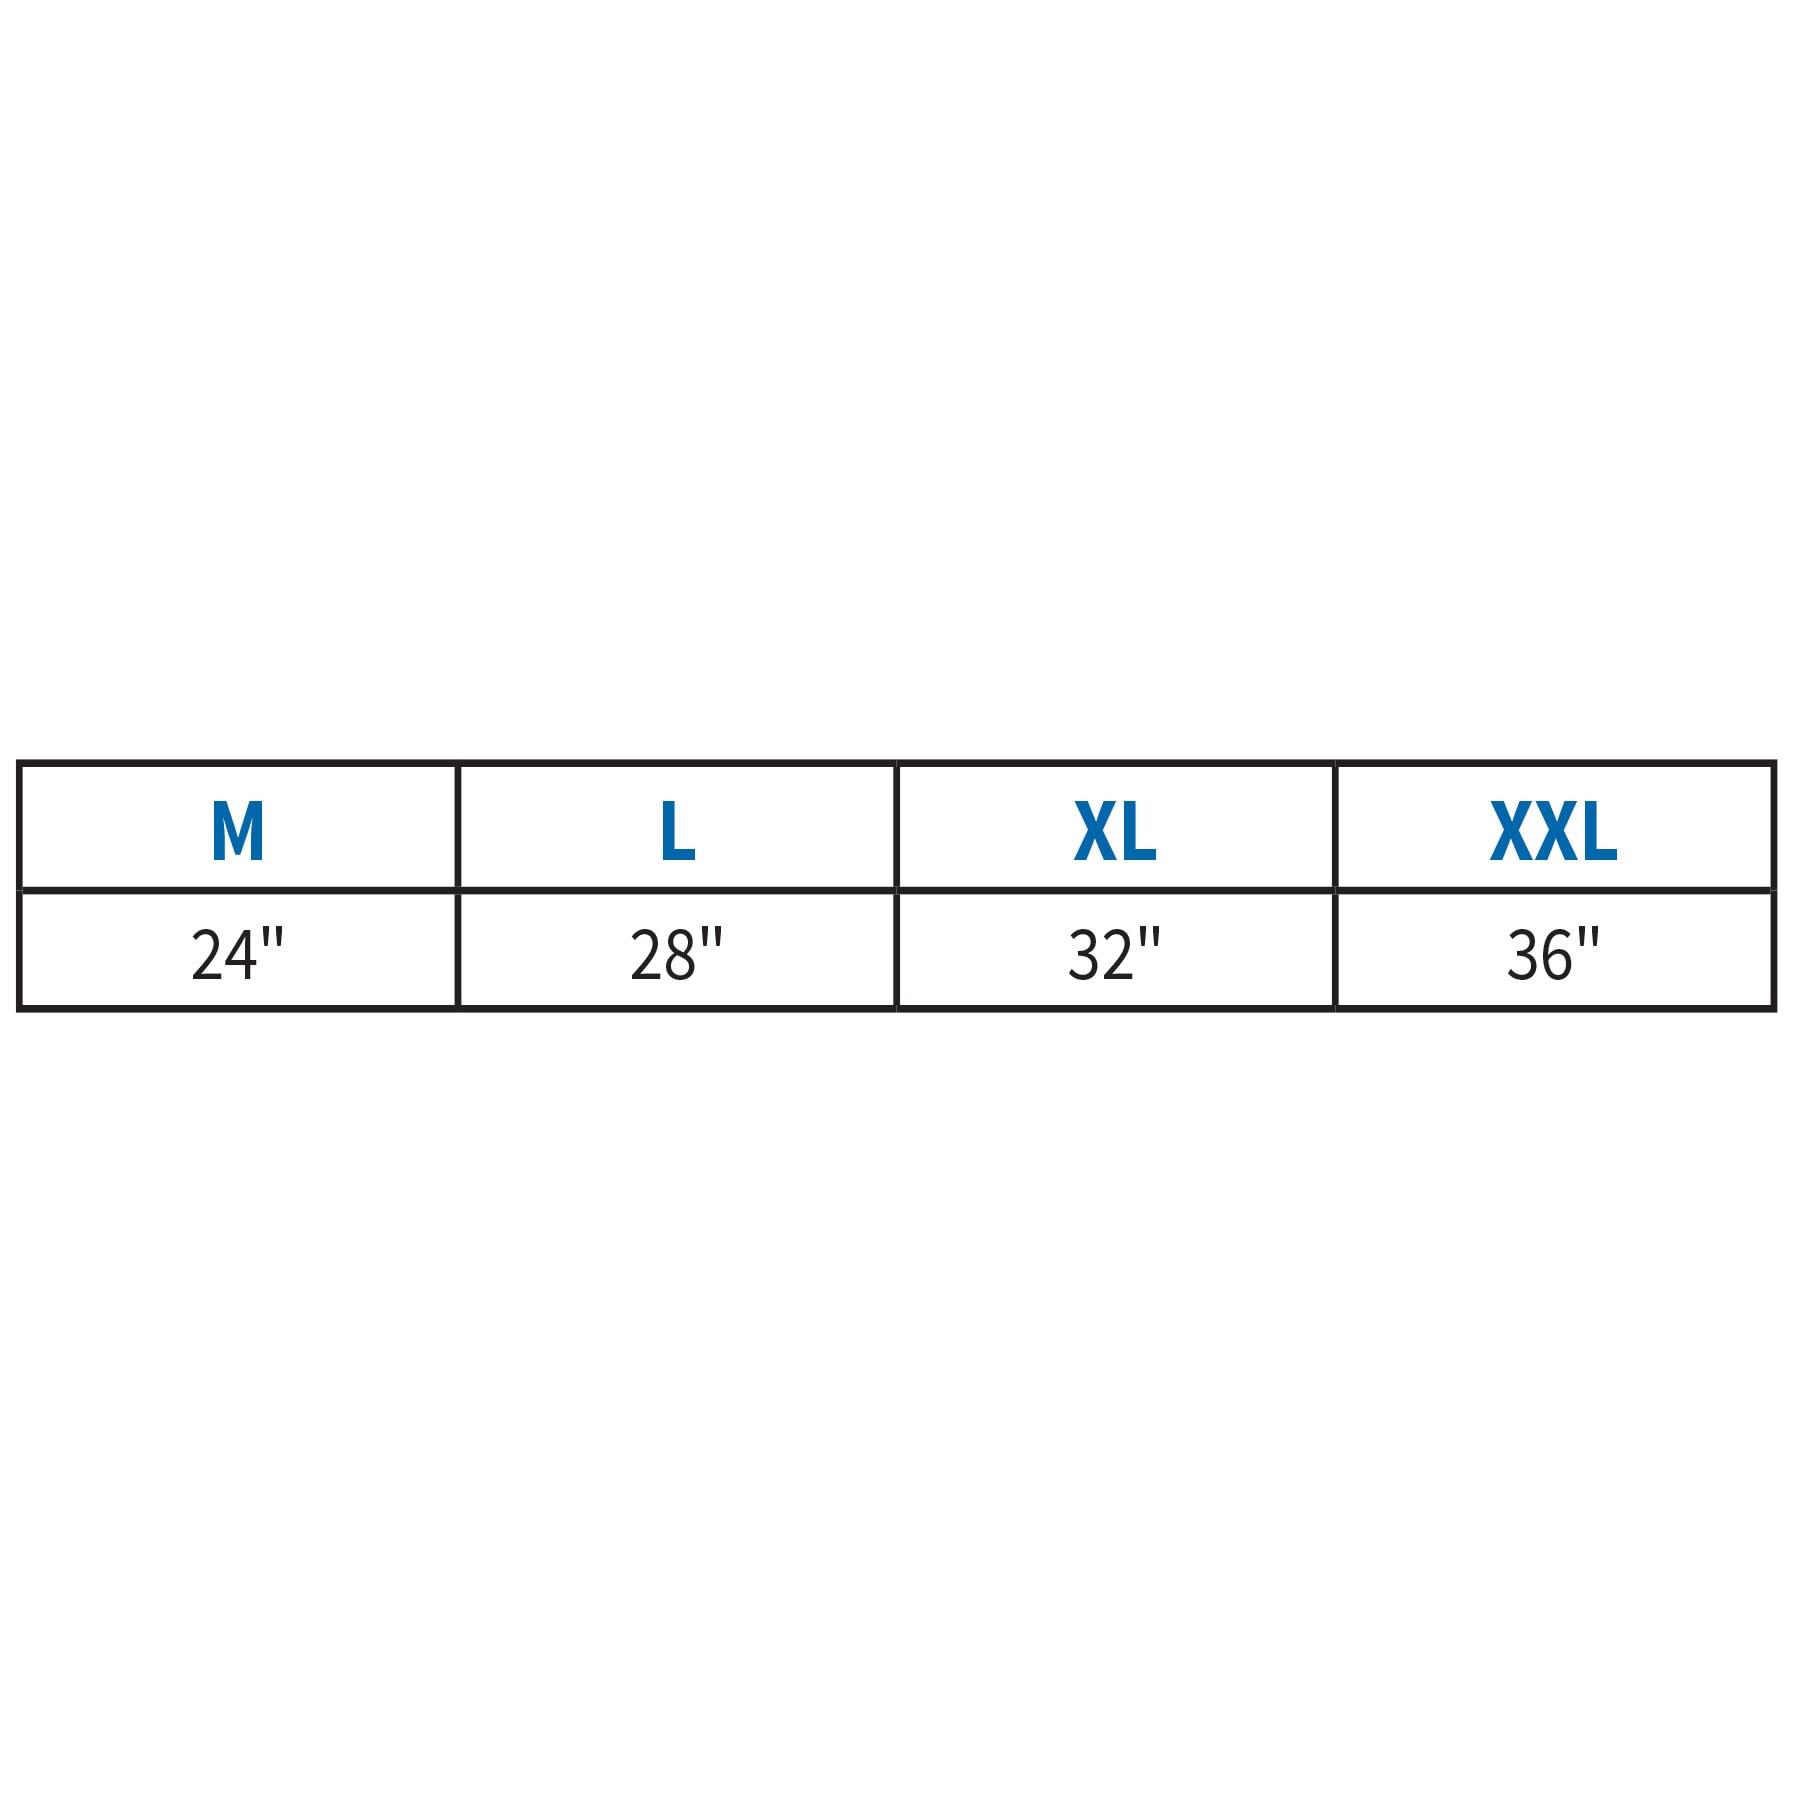 5f196fefb3c49 Moisture Absorbent Tummy Liners M-XXL